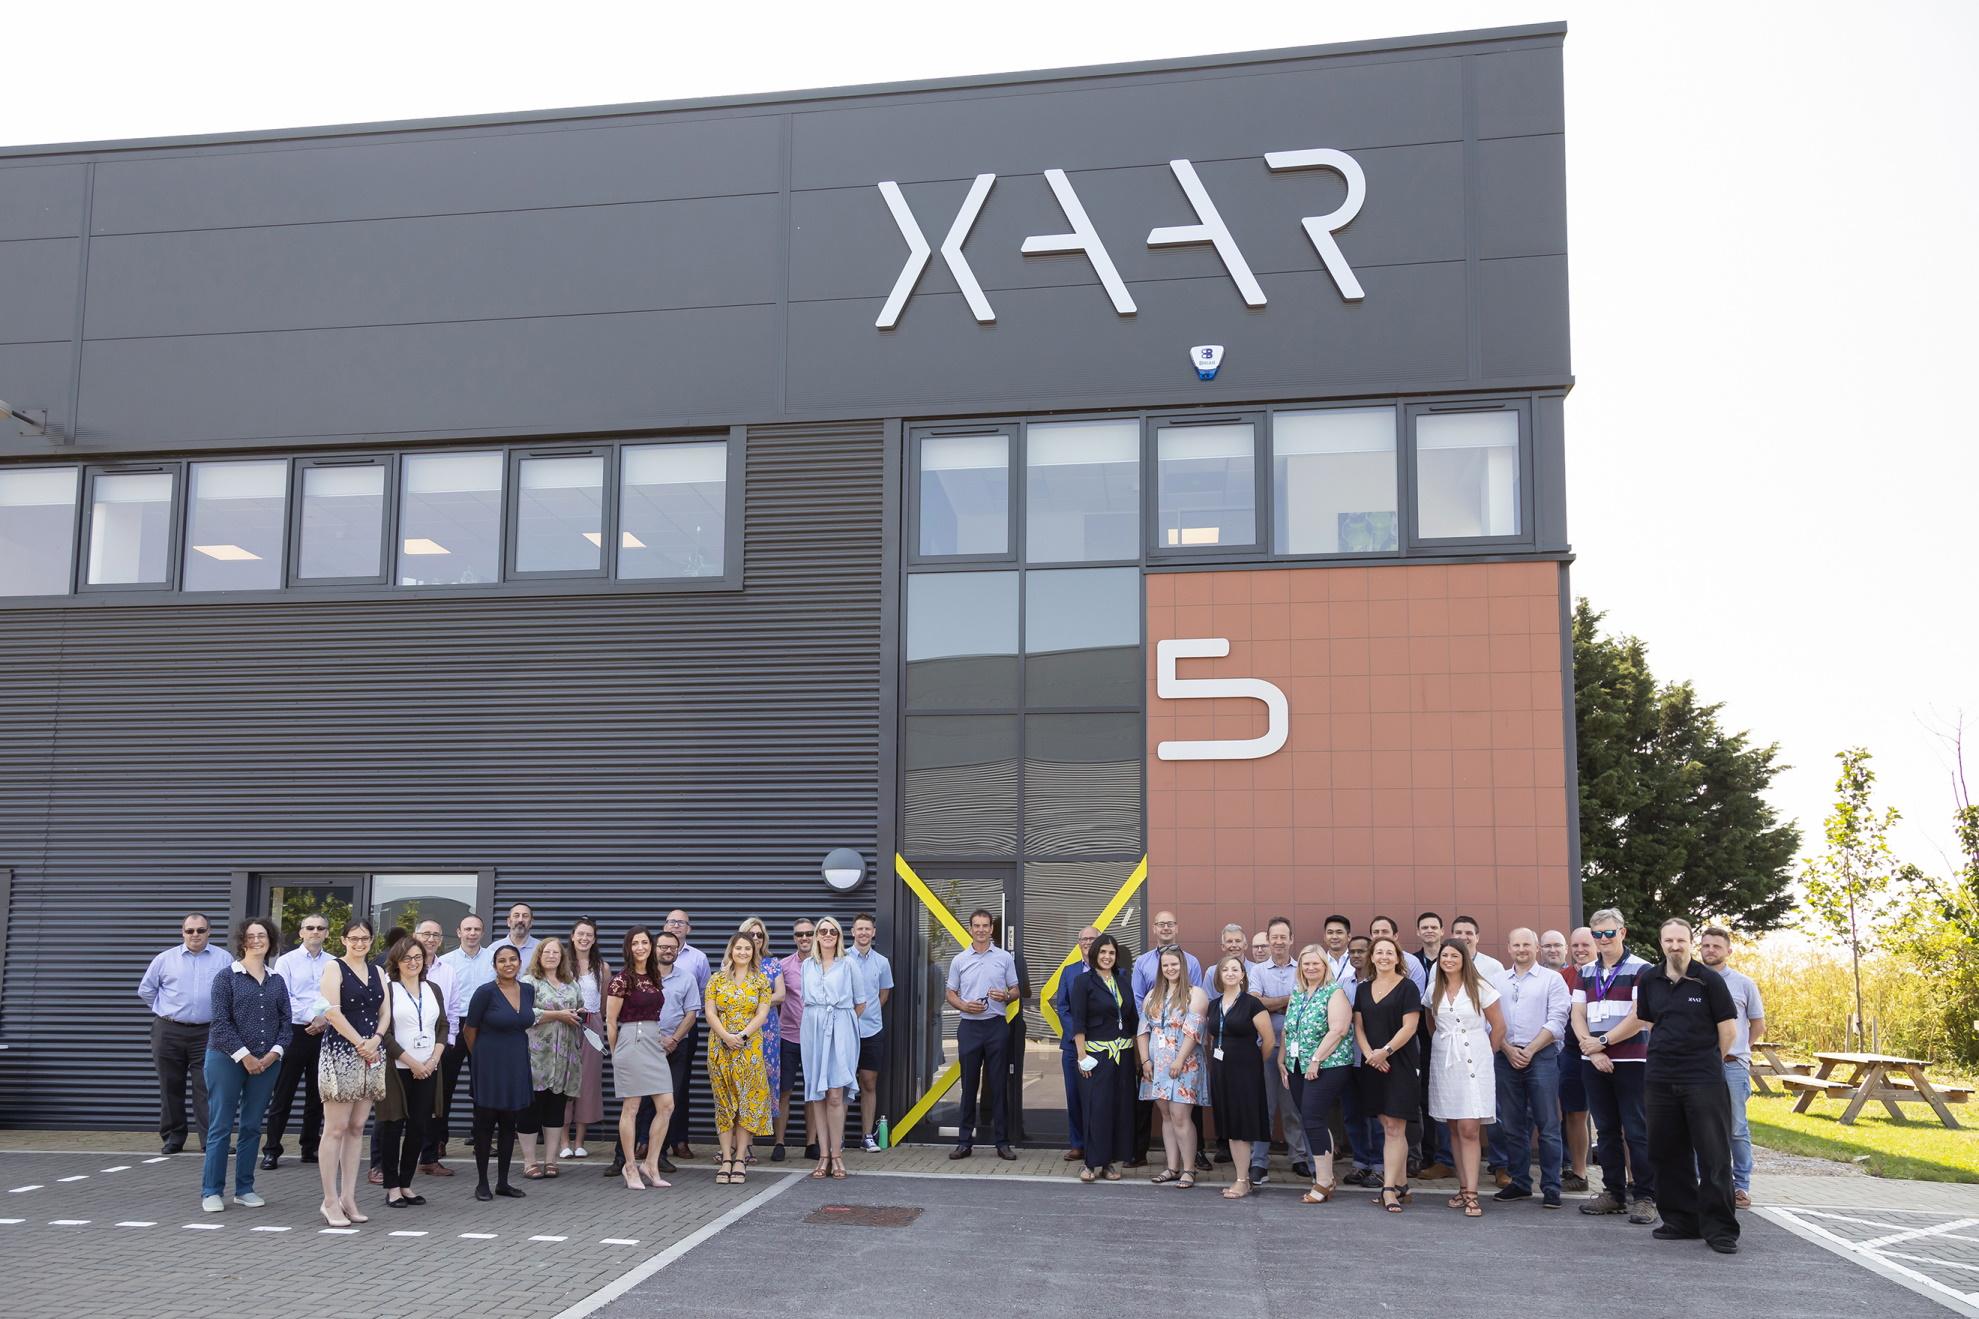 Xaar opens new corporate headquarters.